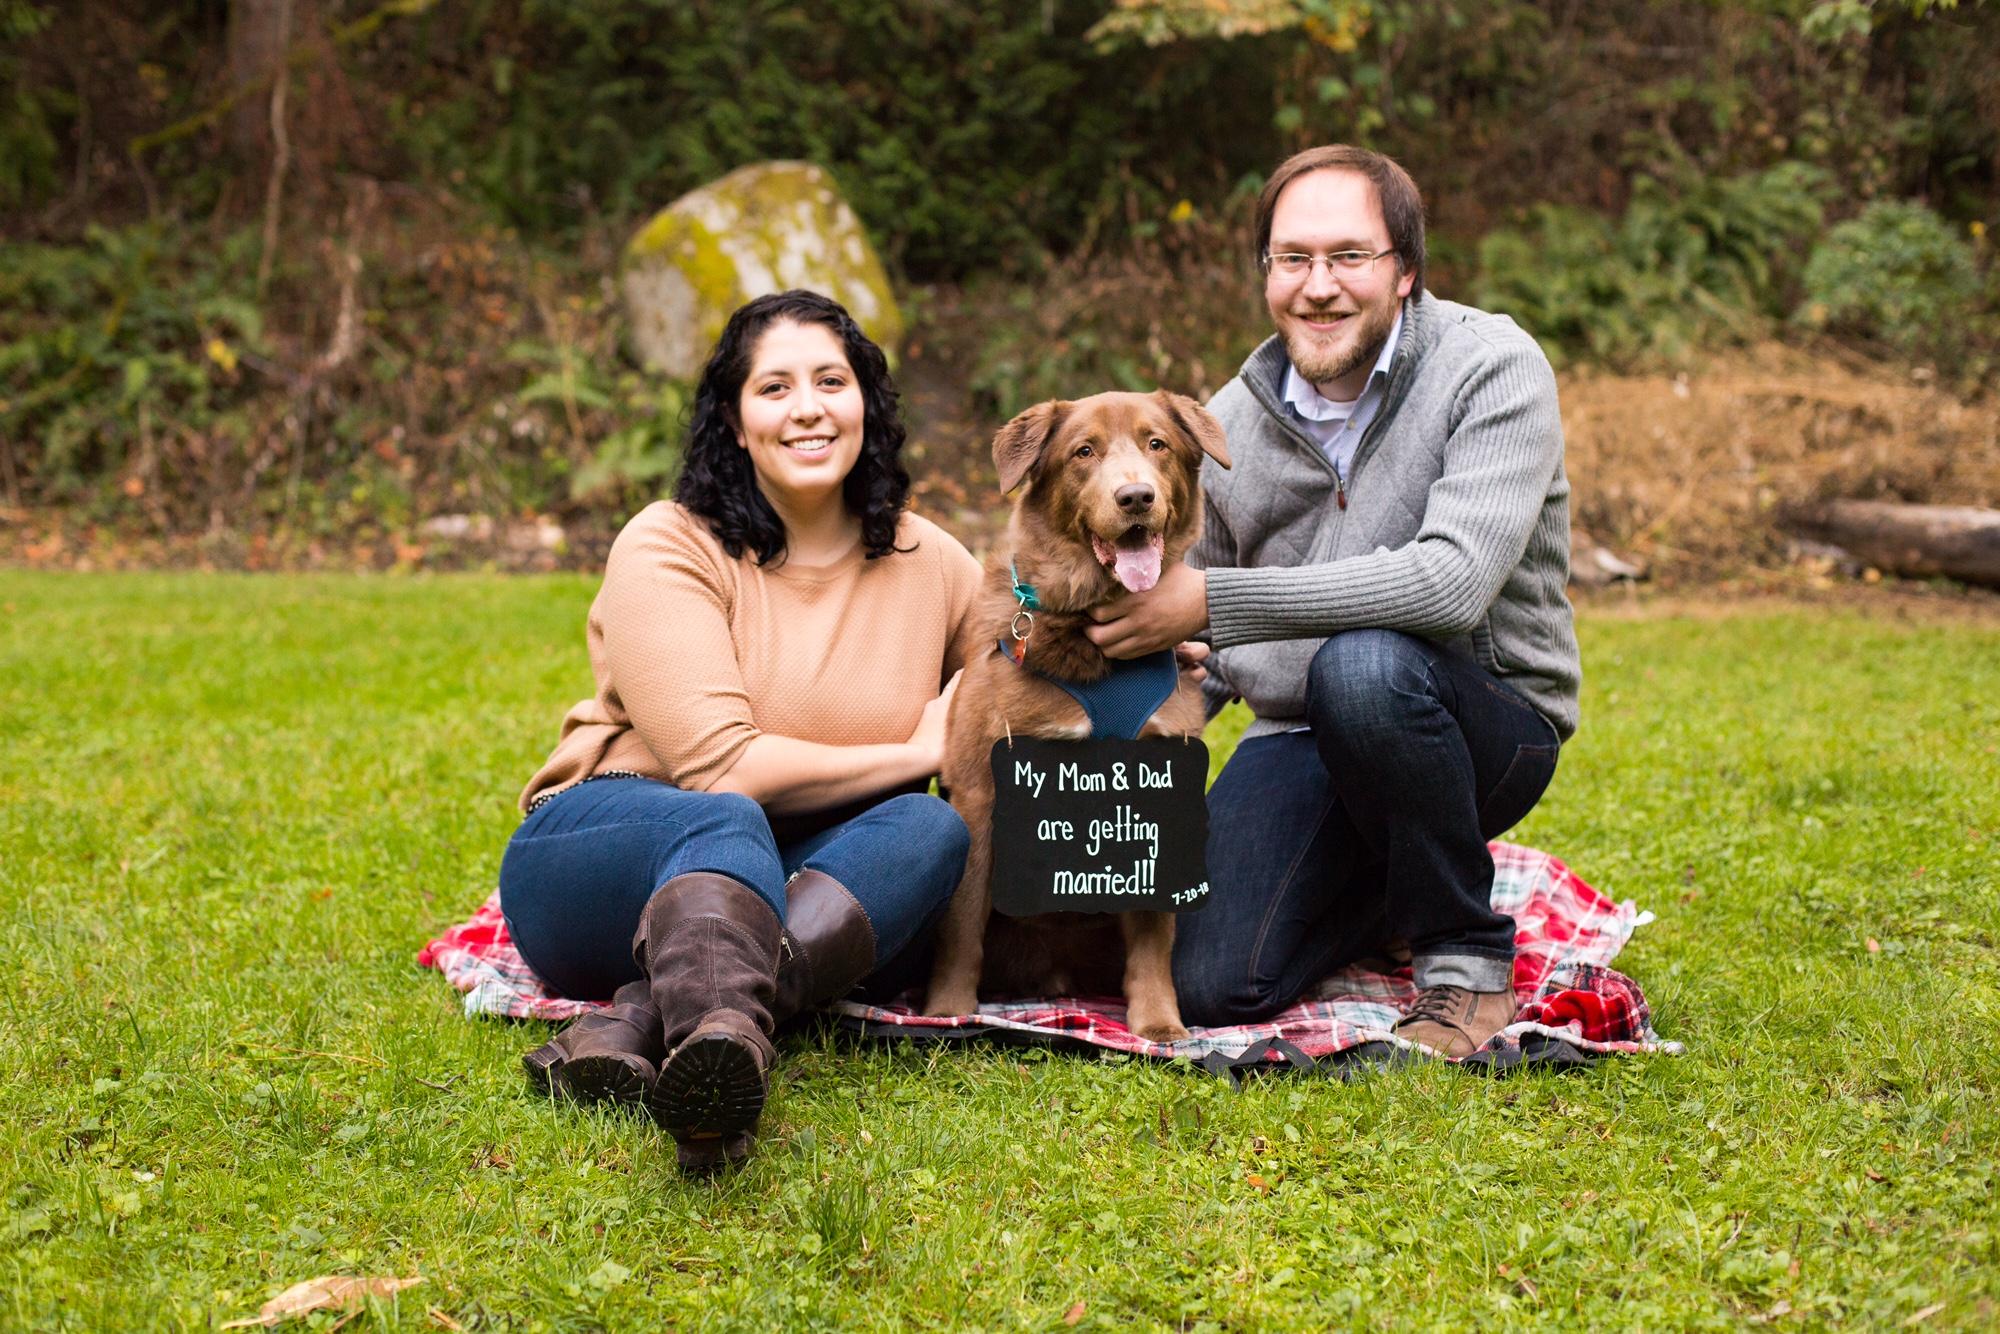 Andrew & Jennifer's Engagement Photo